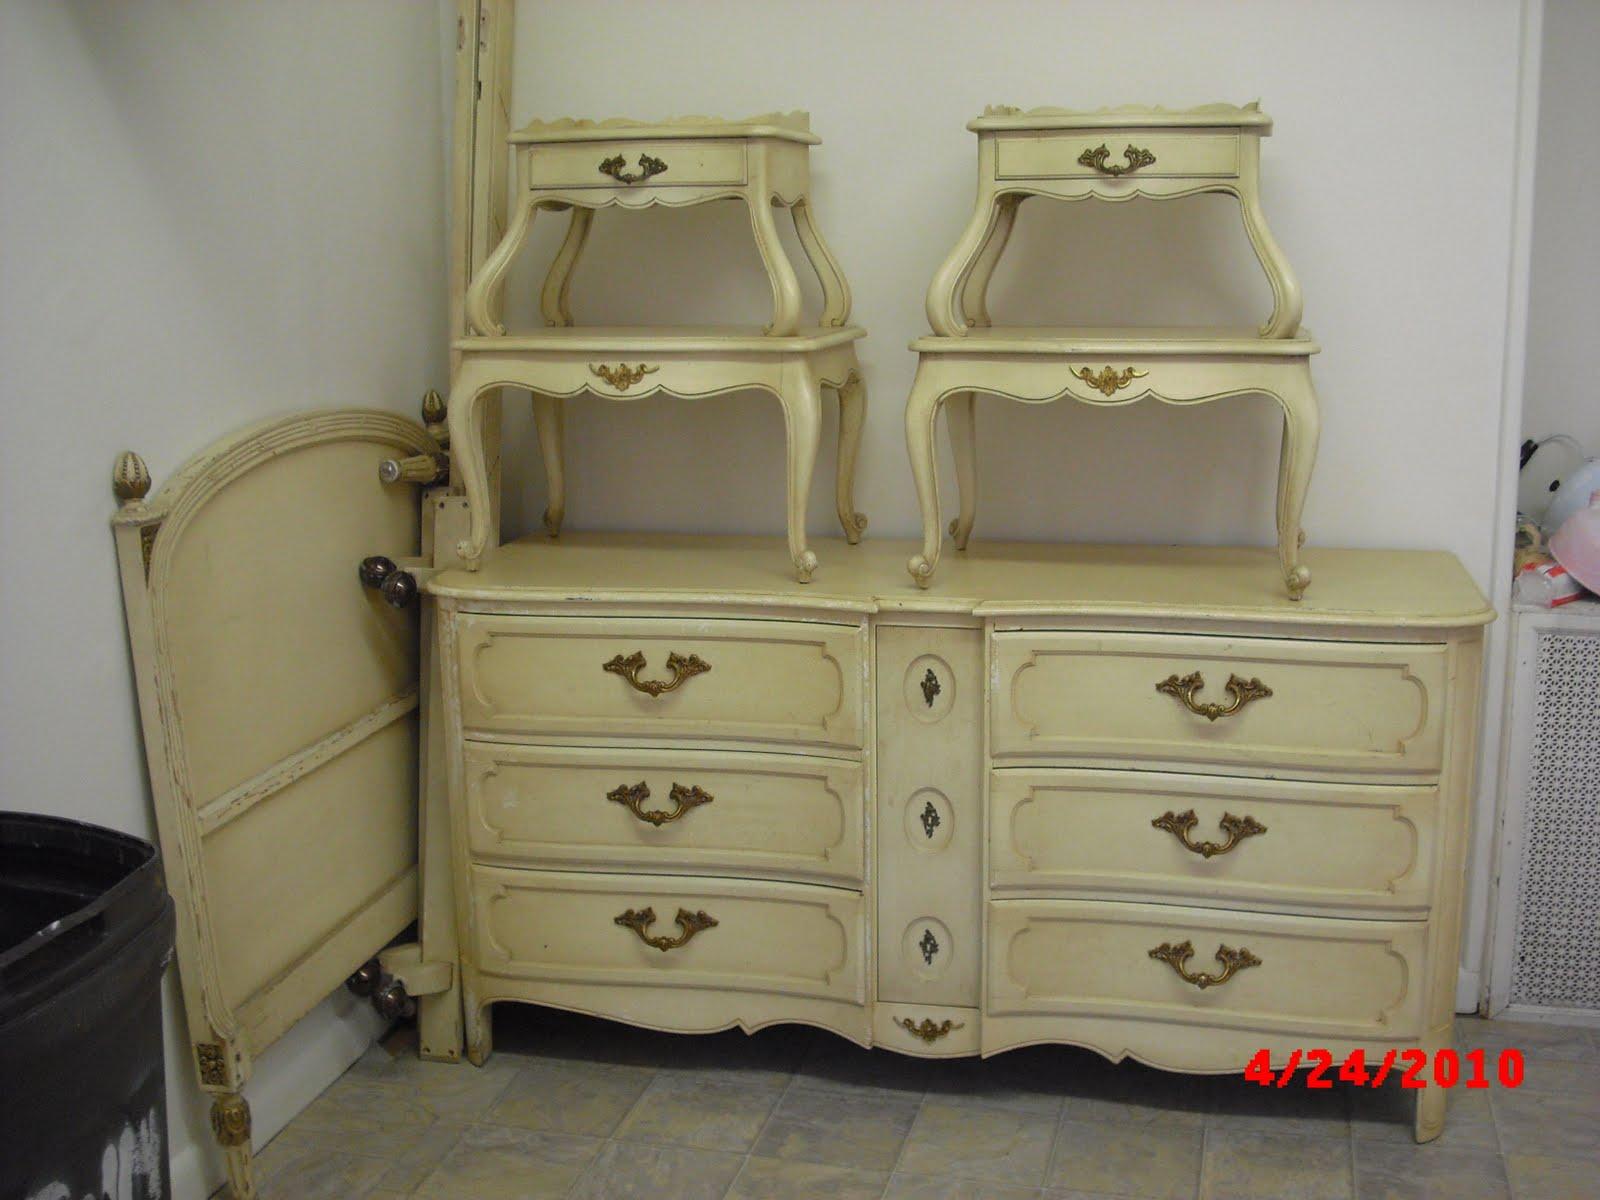 Old bedroom furniture